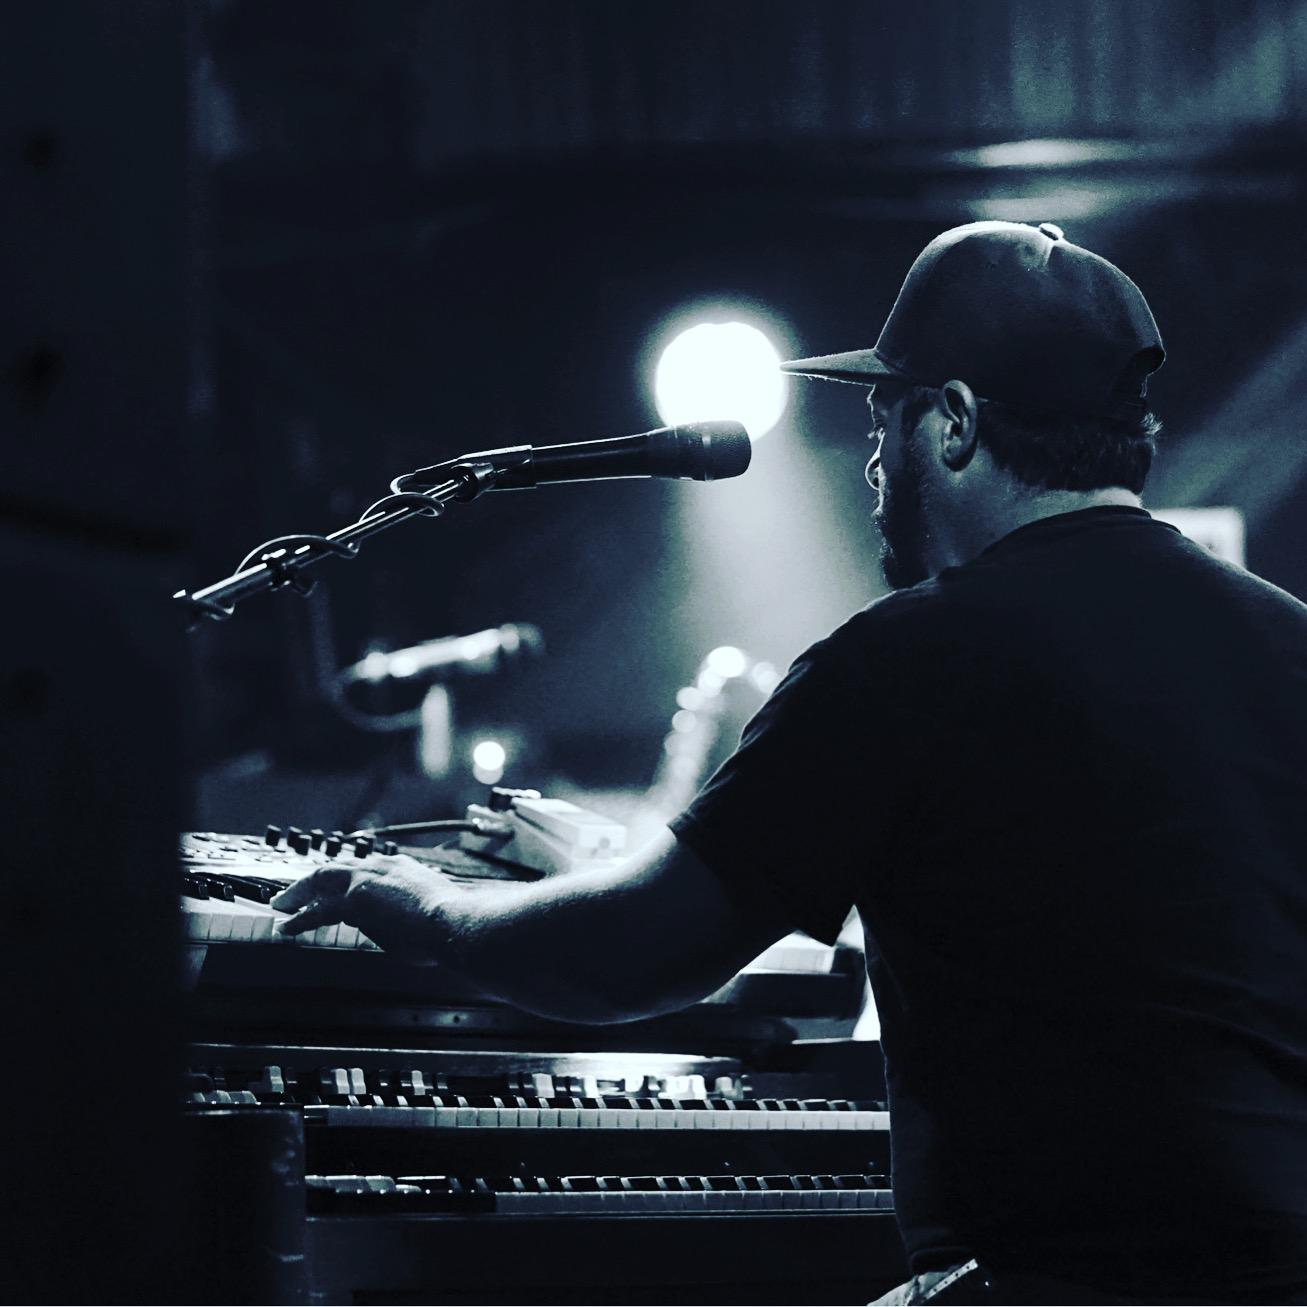 Mikey B3 - New Orleans, LA